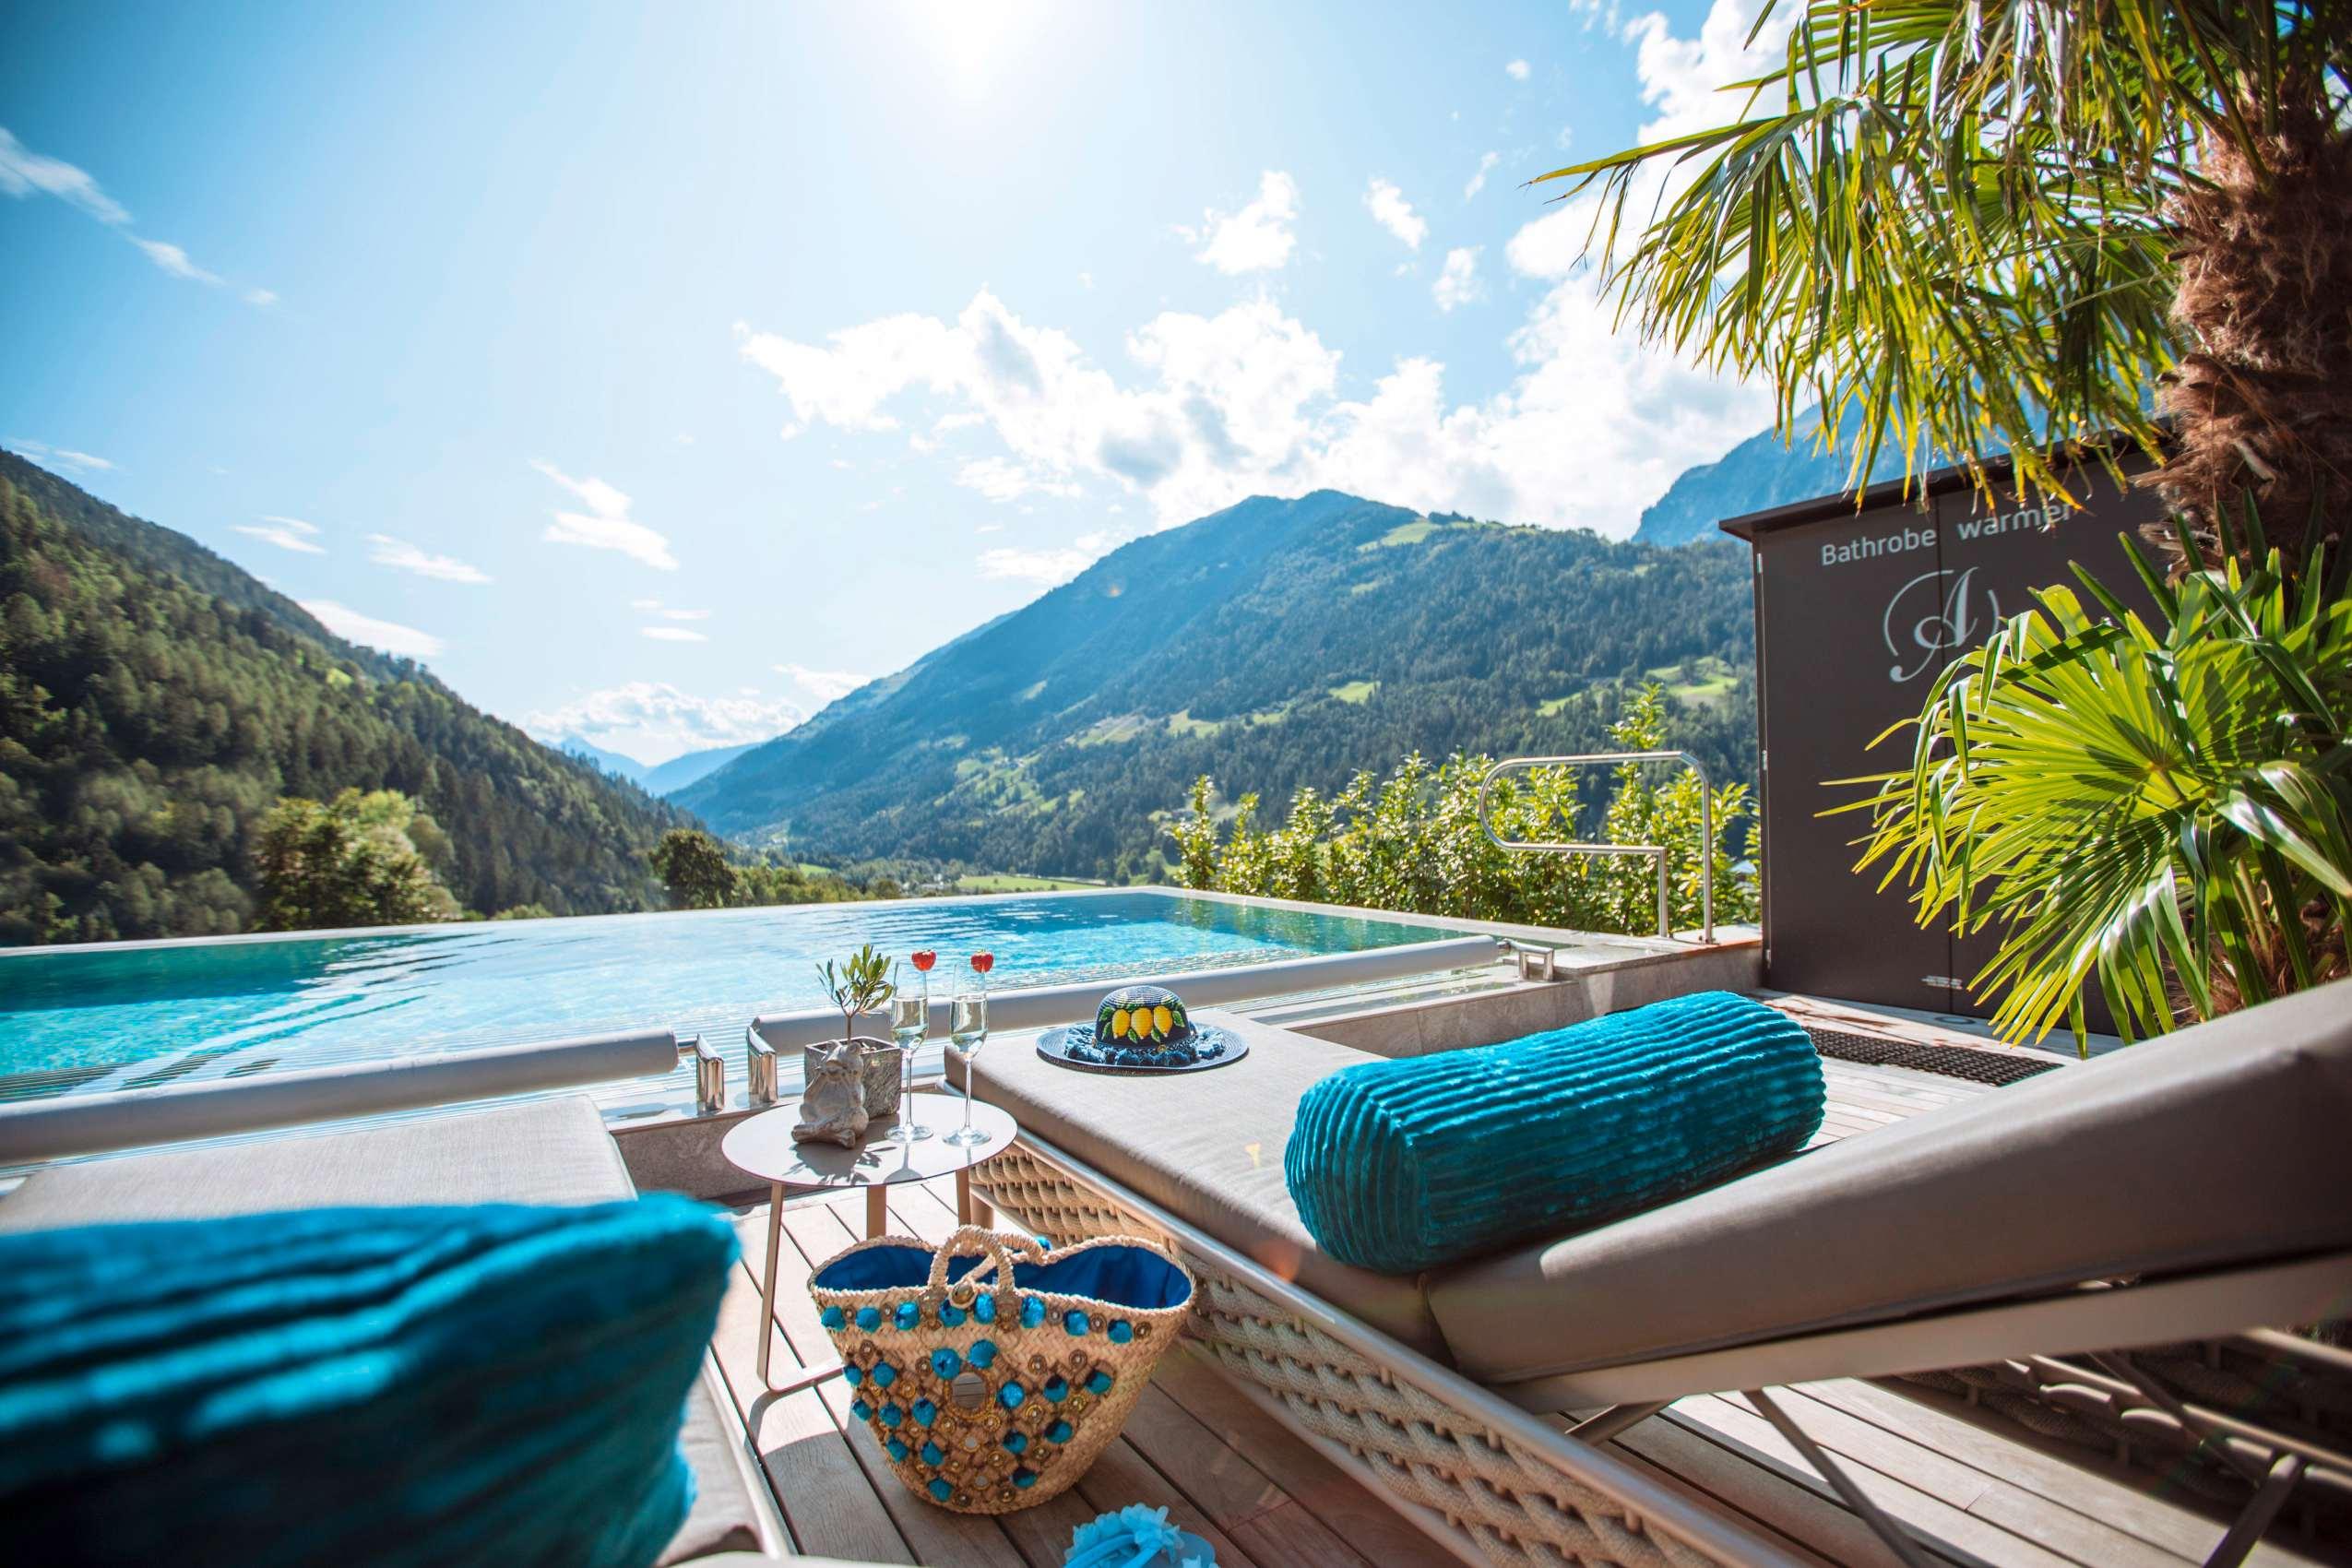 Sonnenbaden auf der Liege am Pool mit Blick auf die Berge Passeiers.